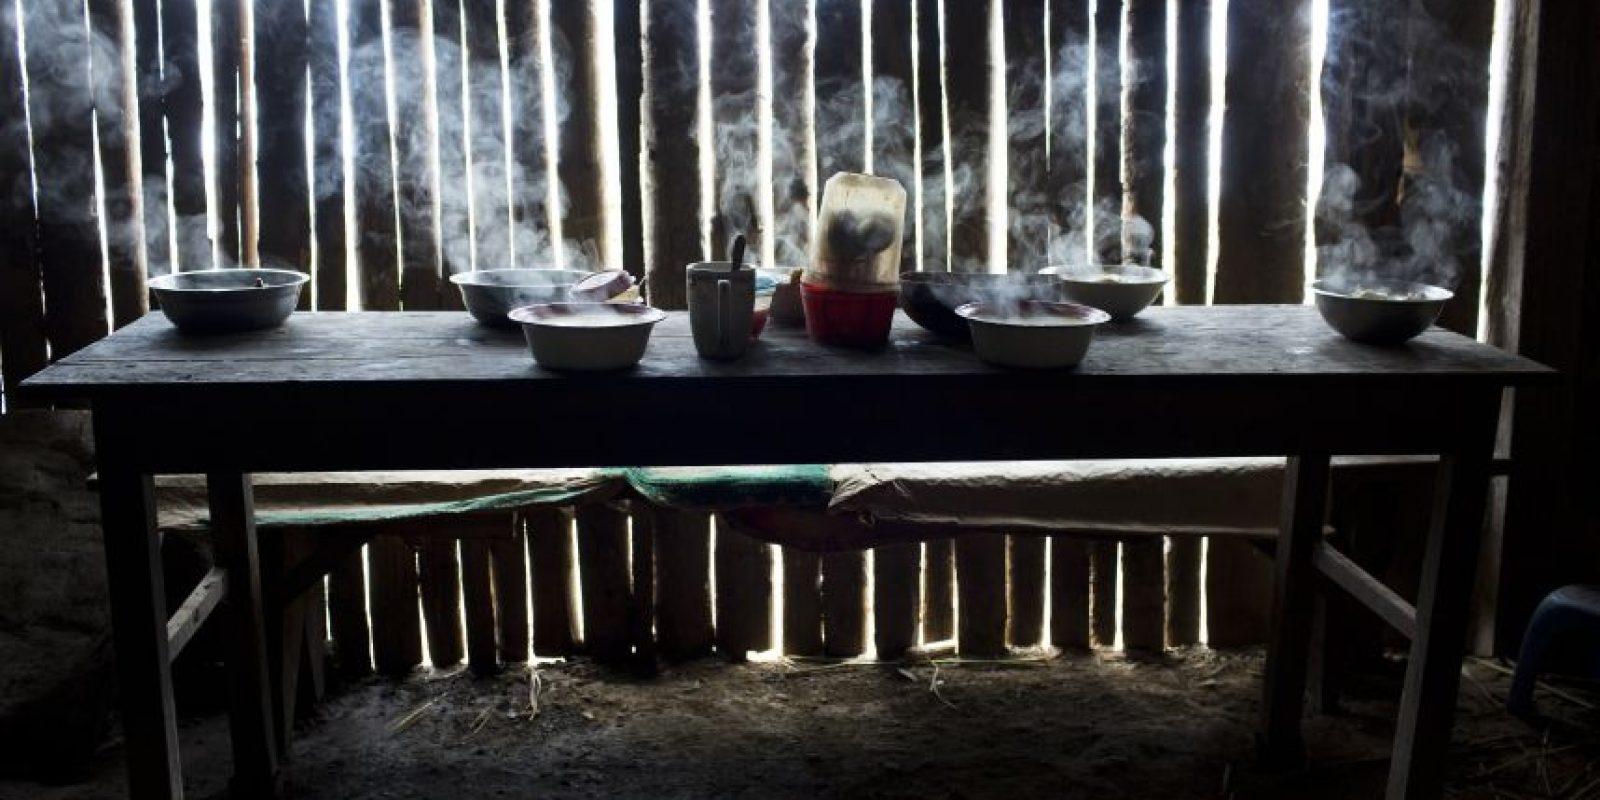 n esta imagen del 15 de marzo de 2015, cuencos humeantes con sopa de pollo colocados sobre la mesa para una comida especial en el segundo aniversario de la muerte del mochilero de cocaína Yuri Gálvez, en La Mar, provincia de Ayacucho, Perú. Gálvez, de 25 años, fue hallado muerto después de un viaje de contrabando con otros dos mochileros. Foto:AP Foto/Rodrigo Abd